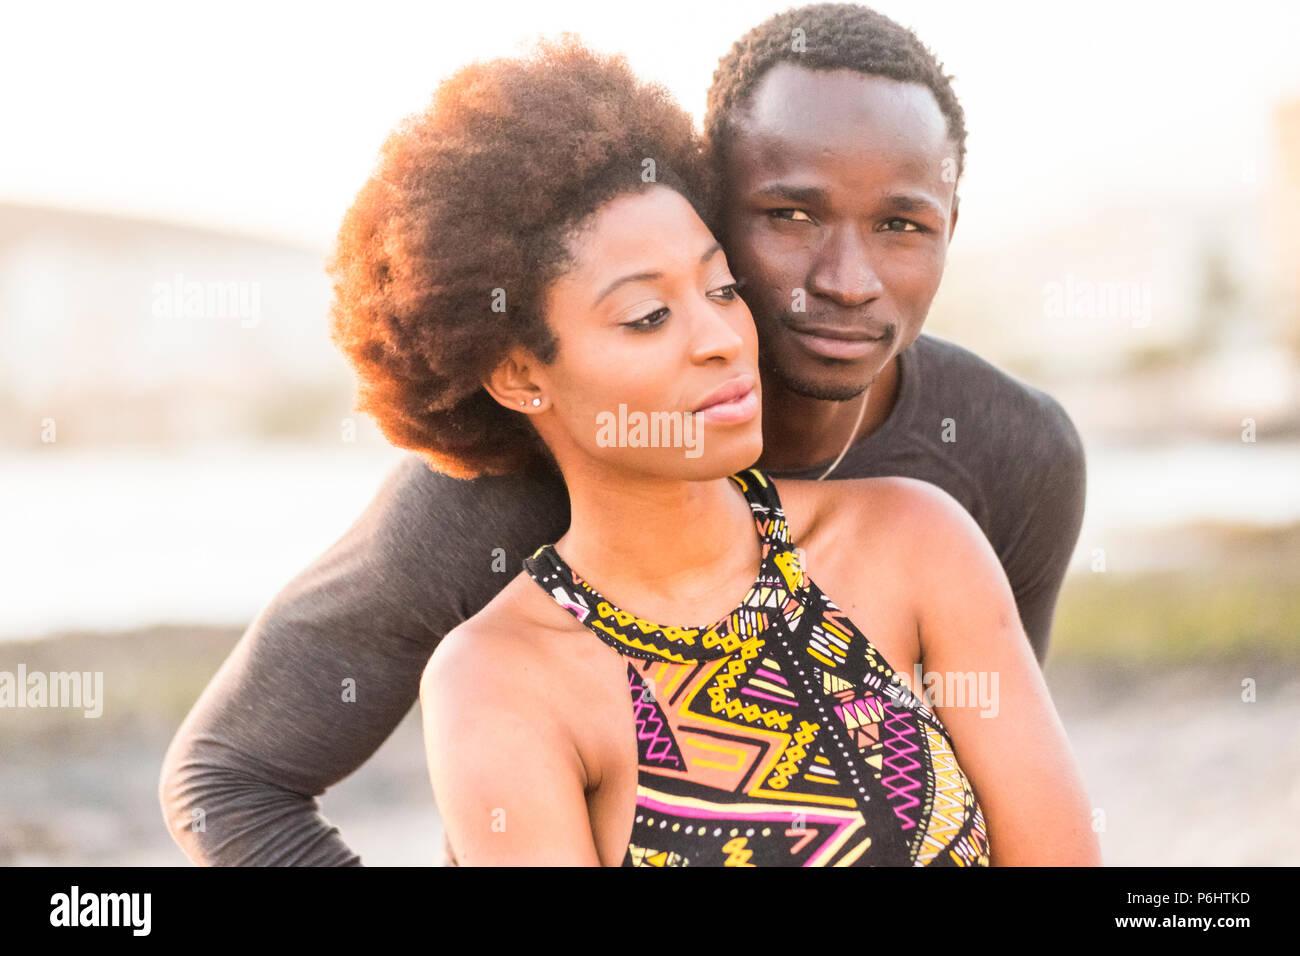 Feliz pareja africanos de raza negra en la playa en el amor y disfrutar de las actividades recreativas junto sentado cerca de la costa del océano y ama a la hora de verano vib Imagen De Stock